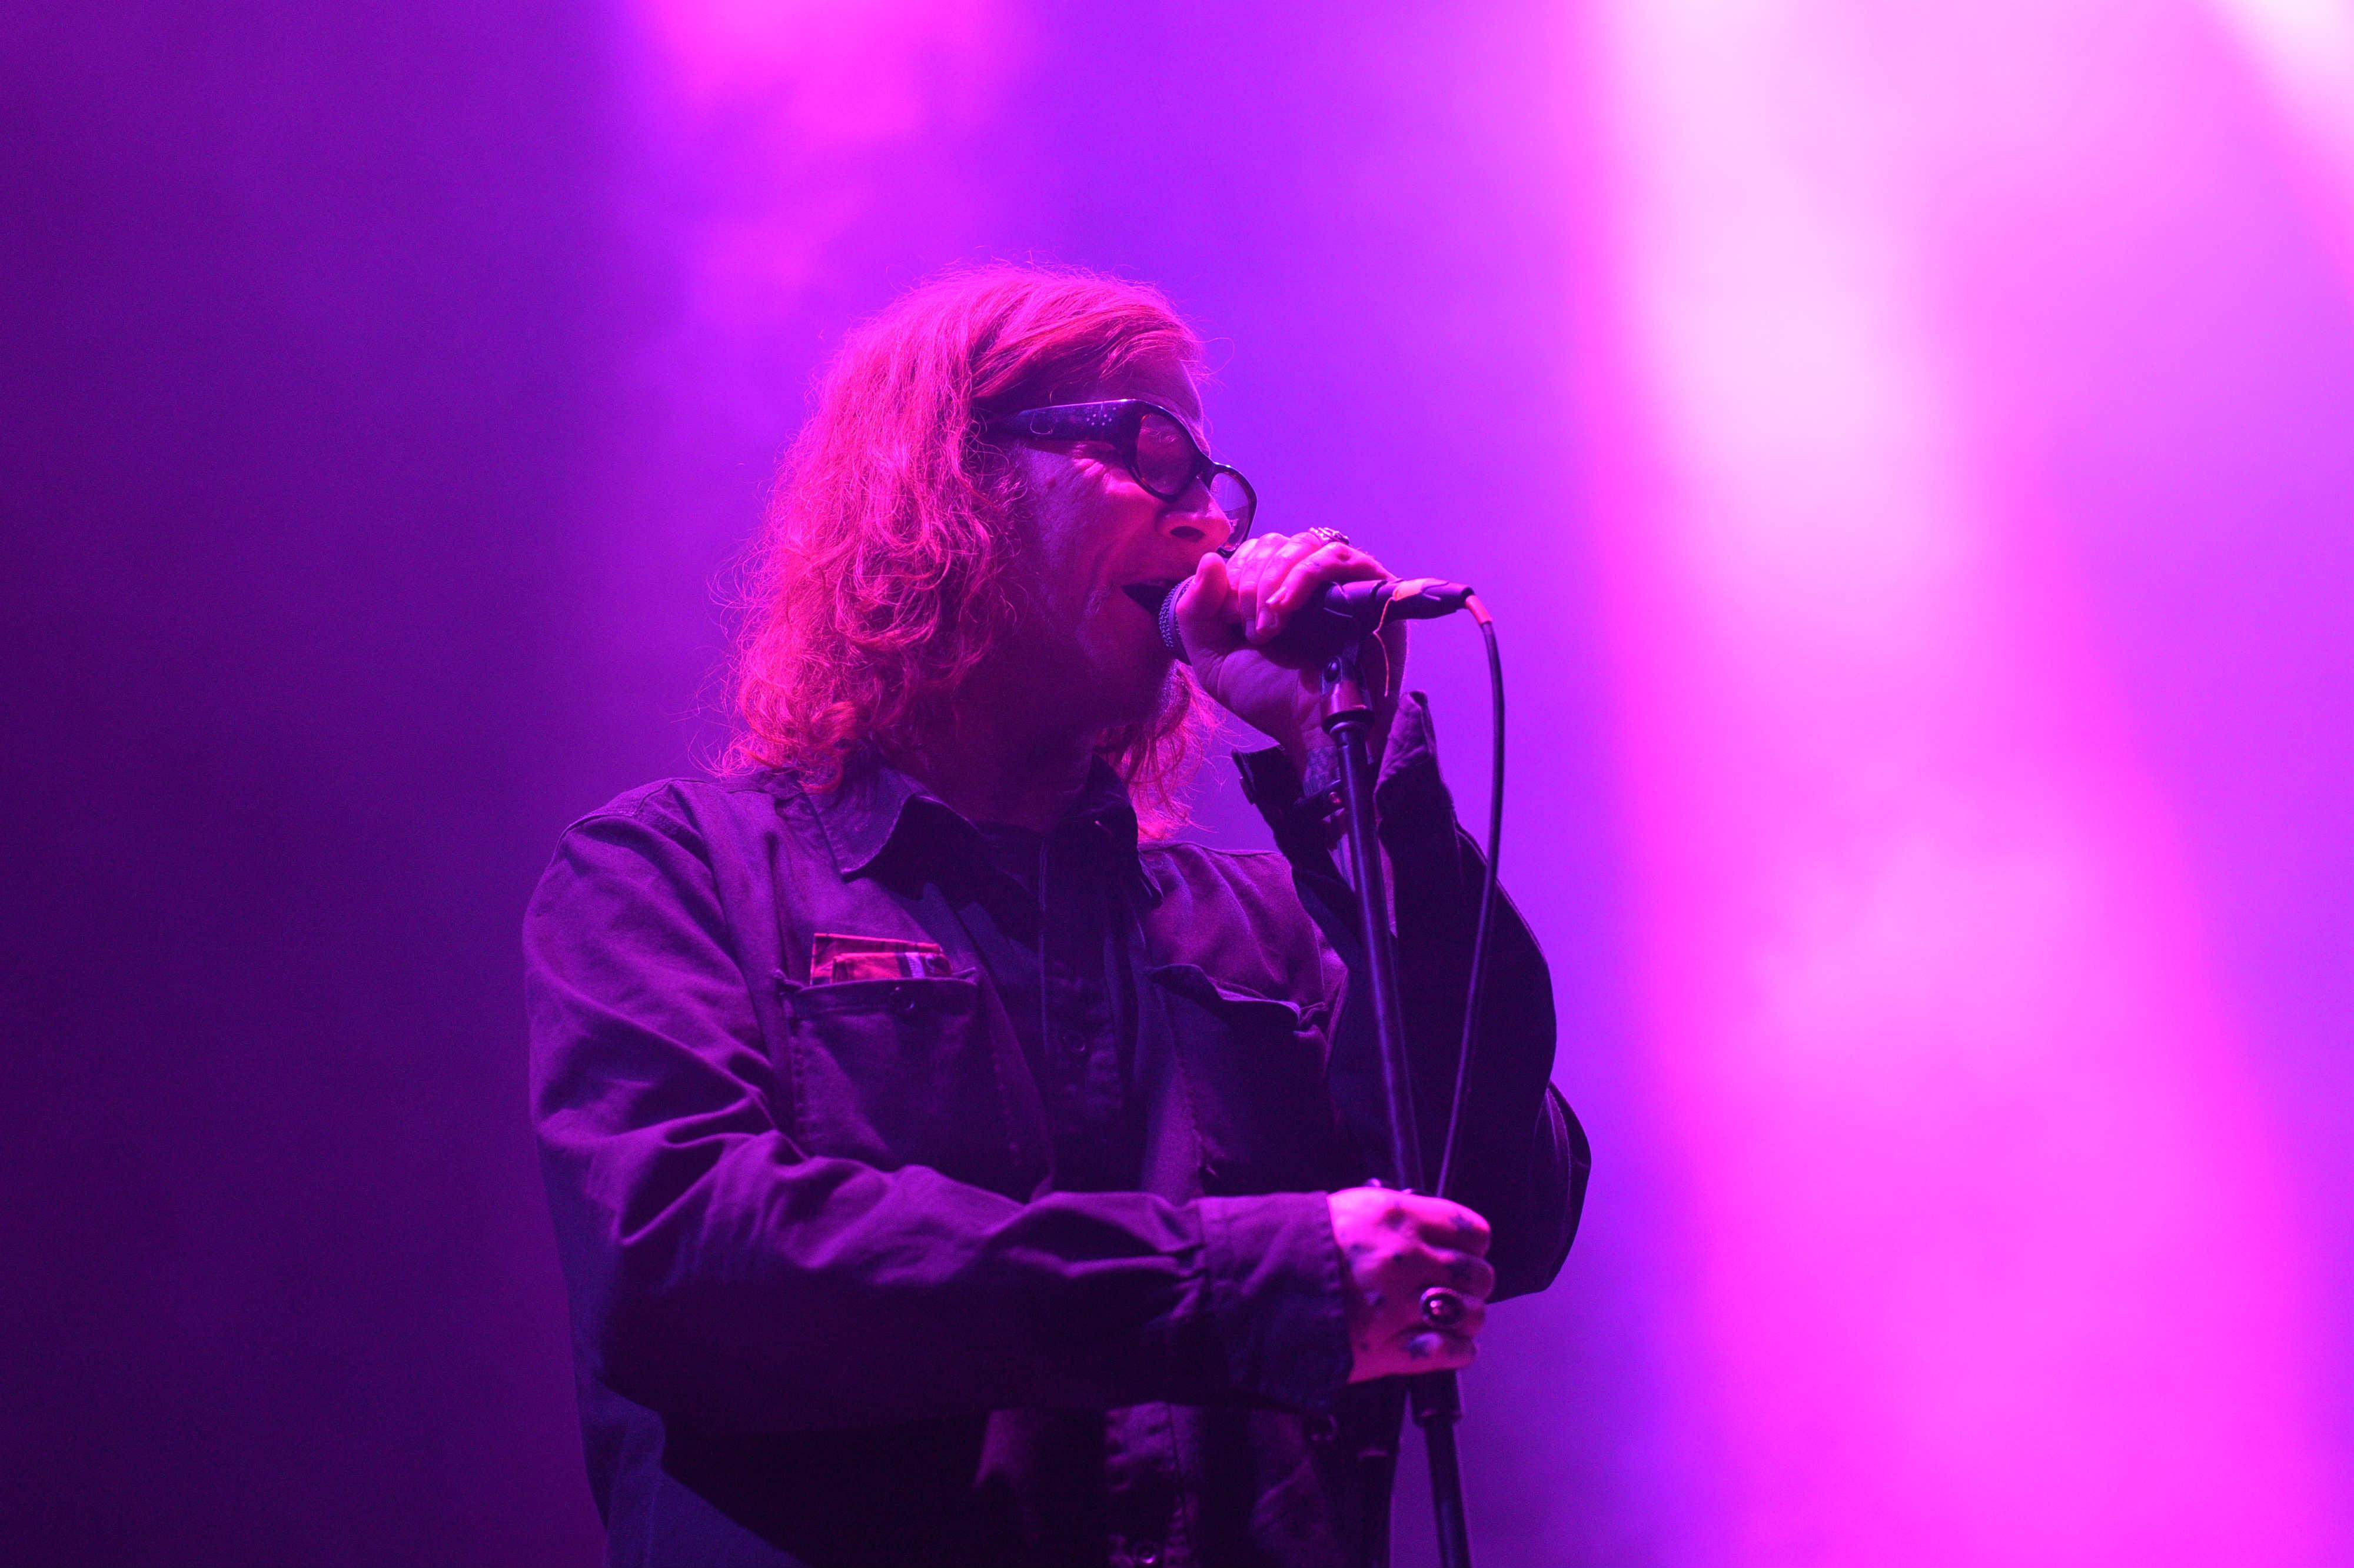 MArk Lanegan en El Plaza Condesa